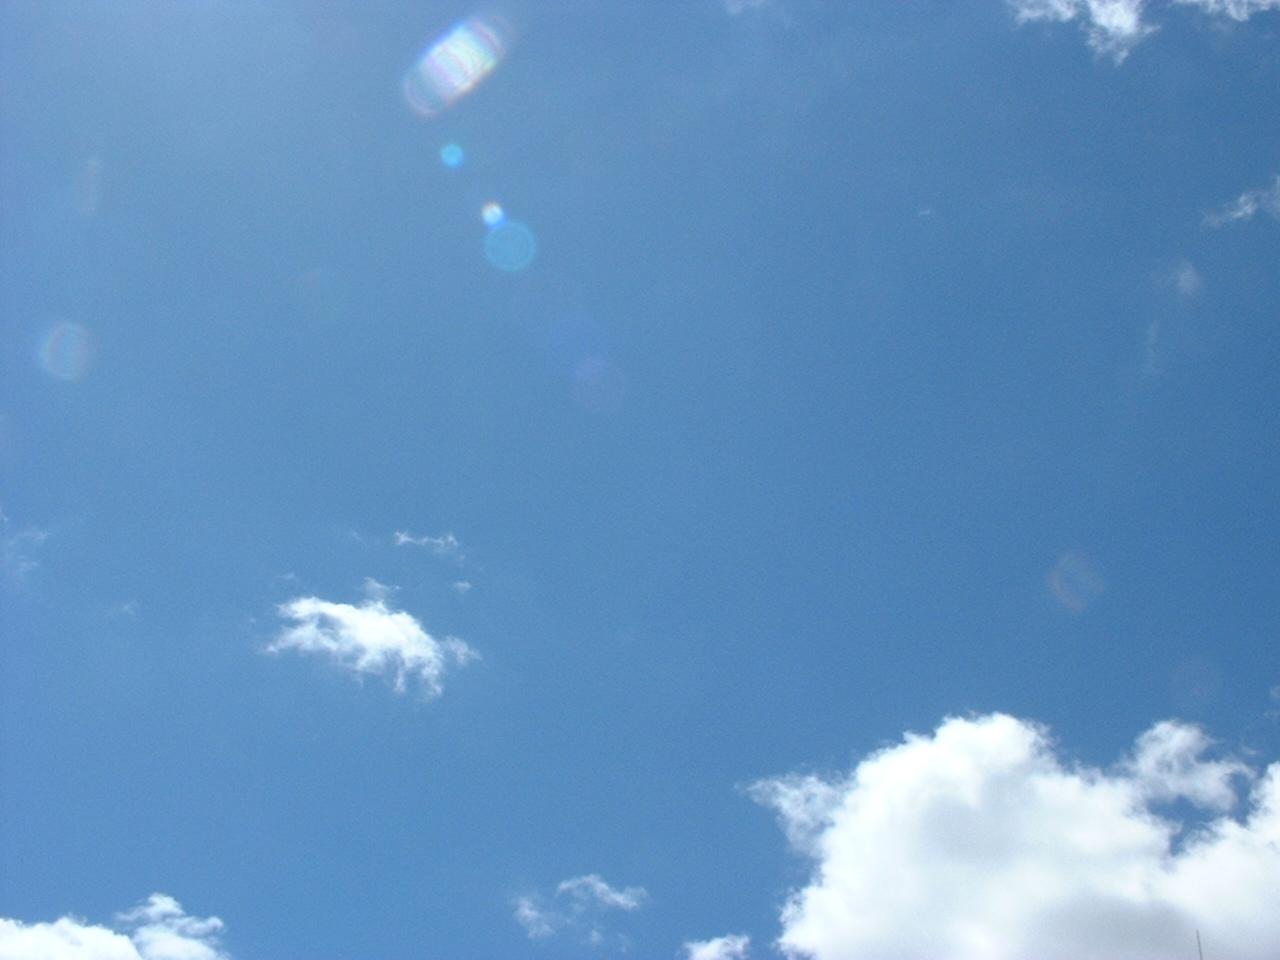 ナガサキの日、空は蒼く